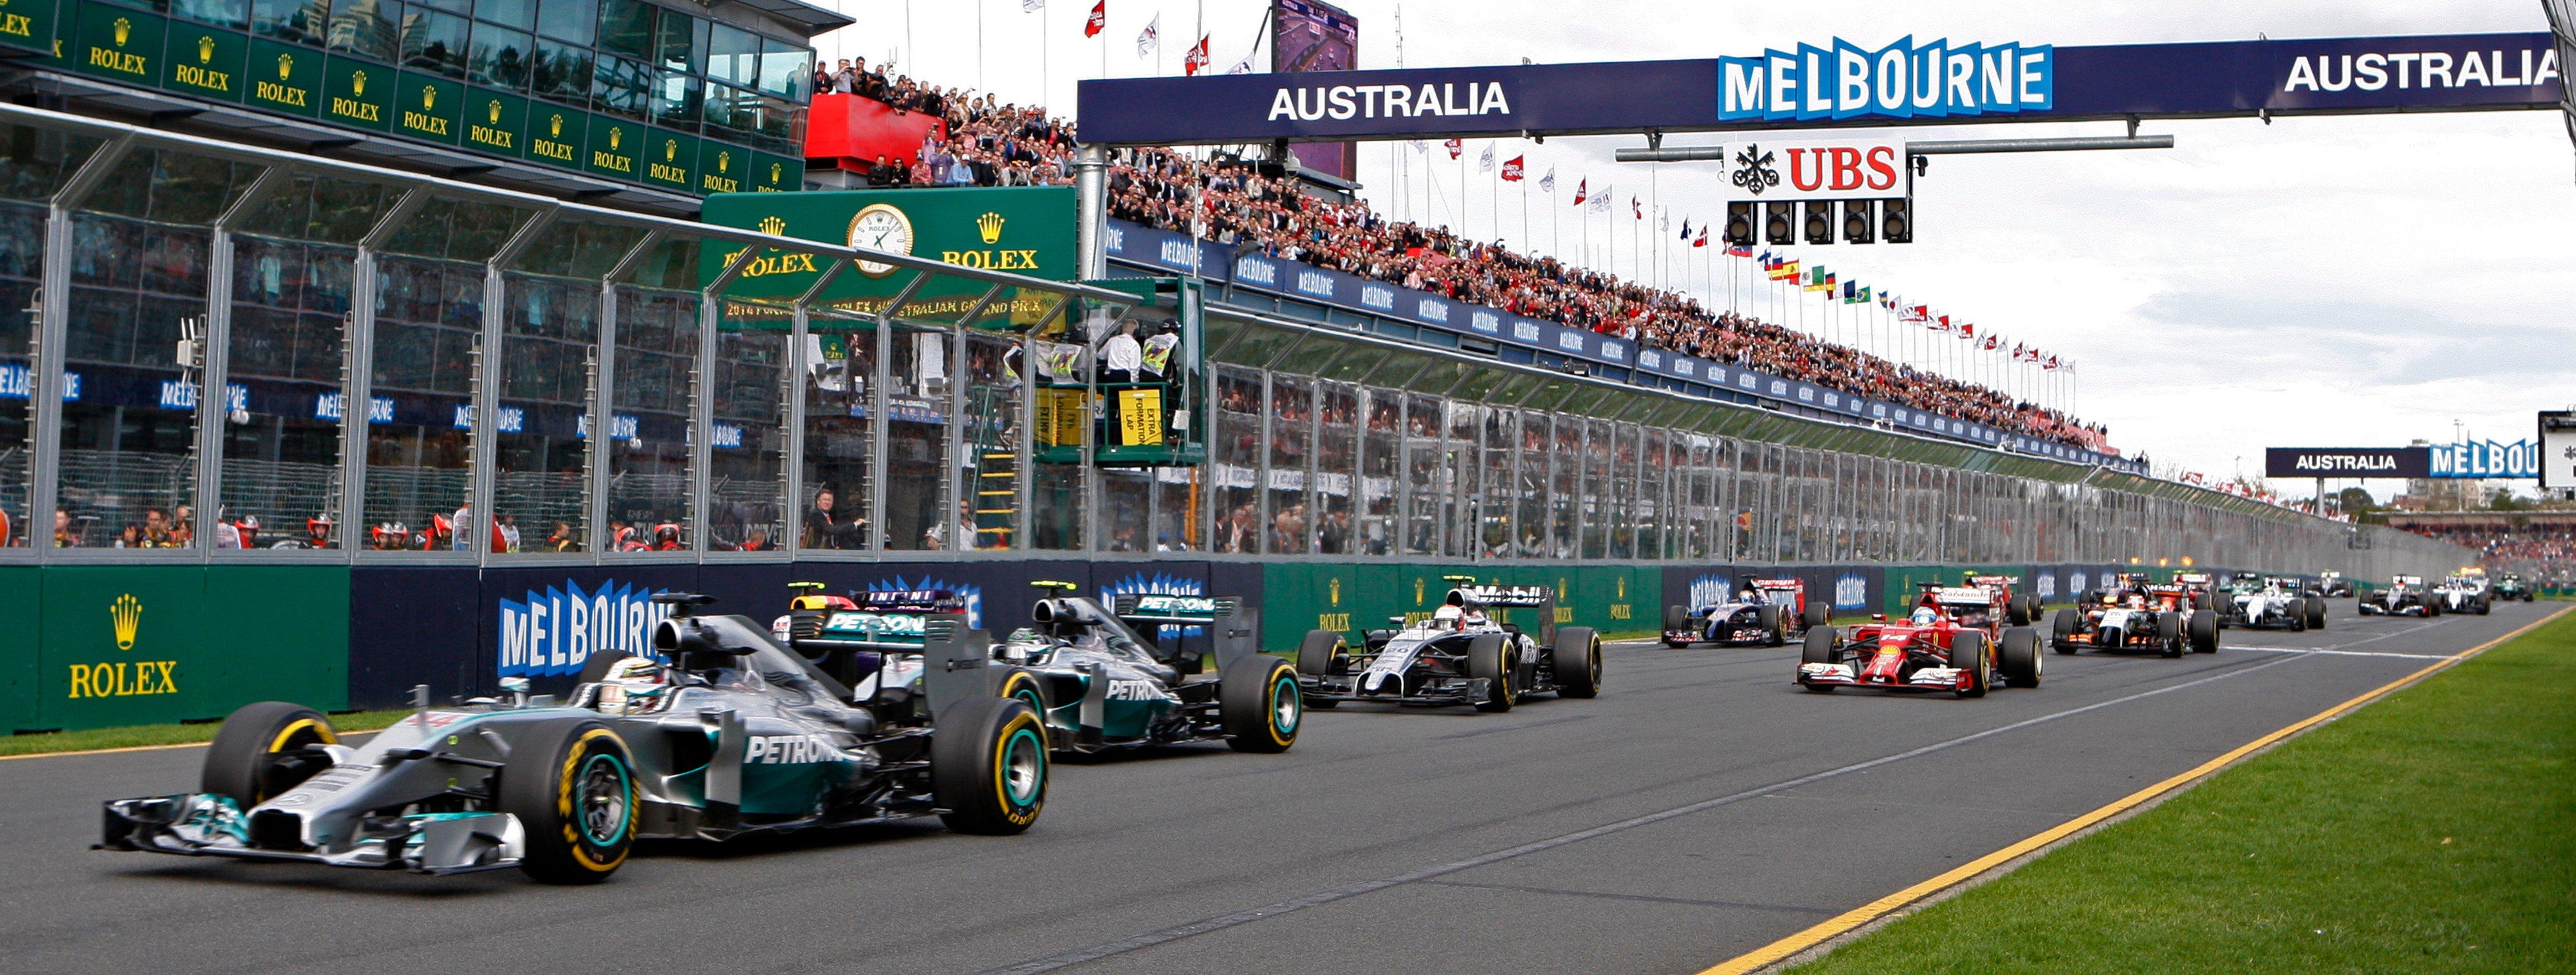 Grand prix australia rocco siffredi ashlyn gere